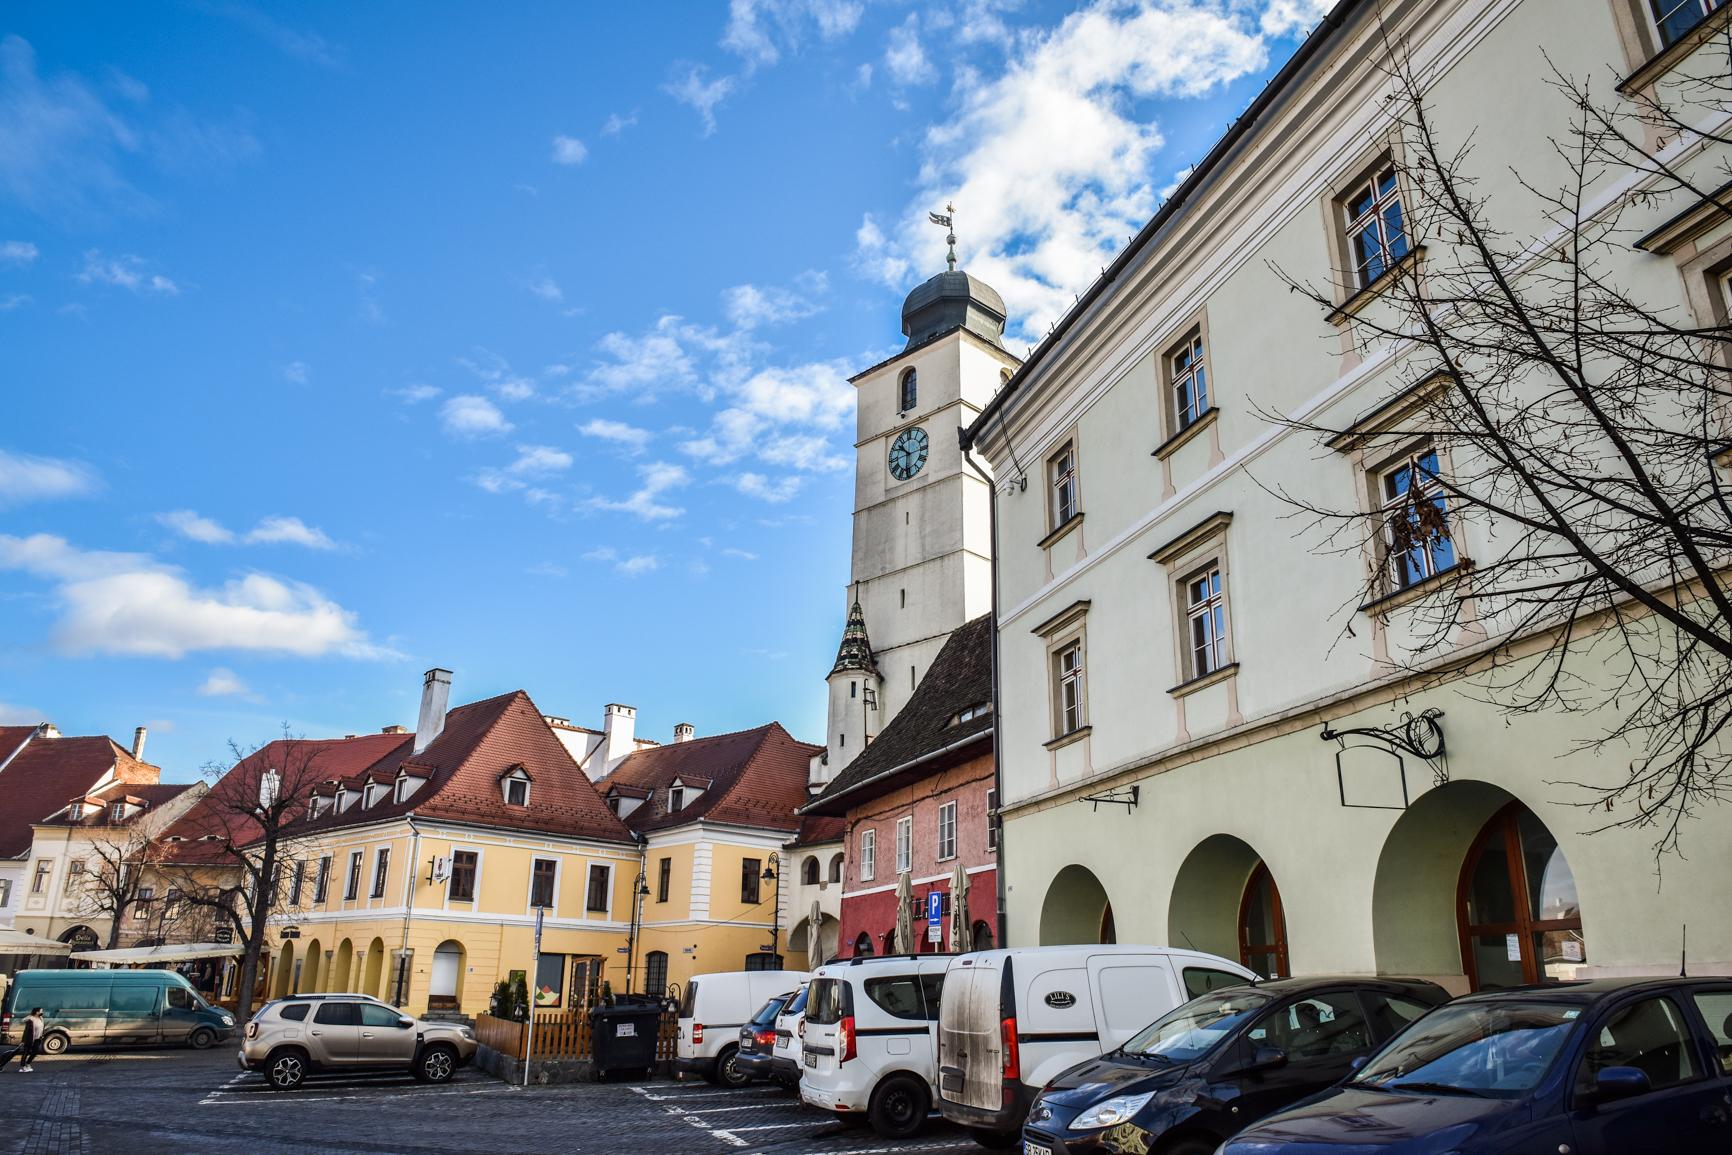 2,88 - rata de incidență rămâne constantă în municipiul Sibiu. 12 localități au incidența mai mare de trei la mia de locuitori